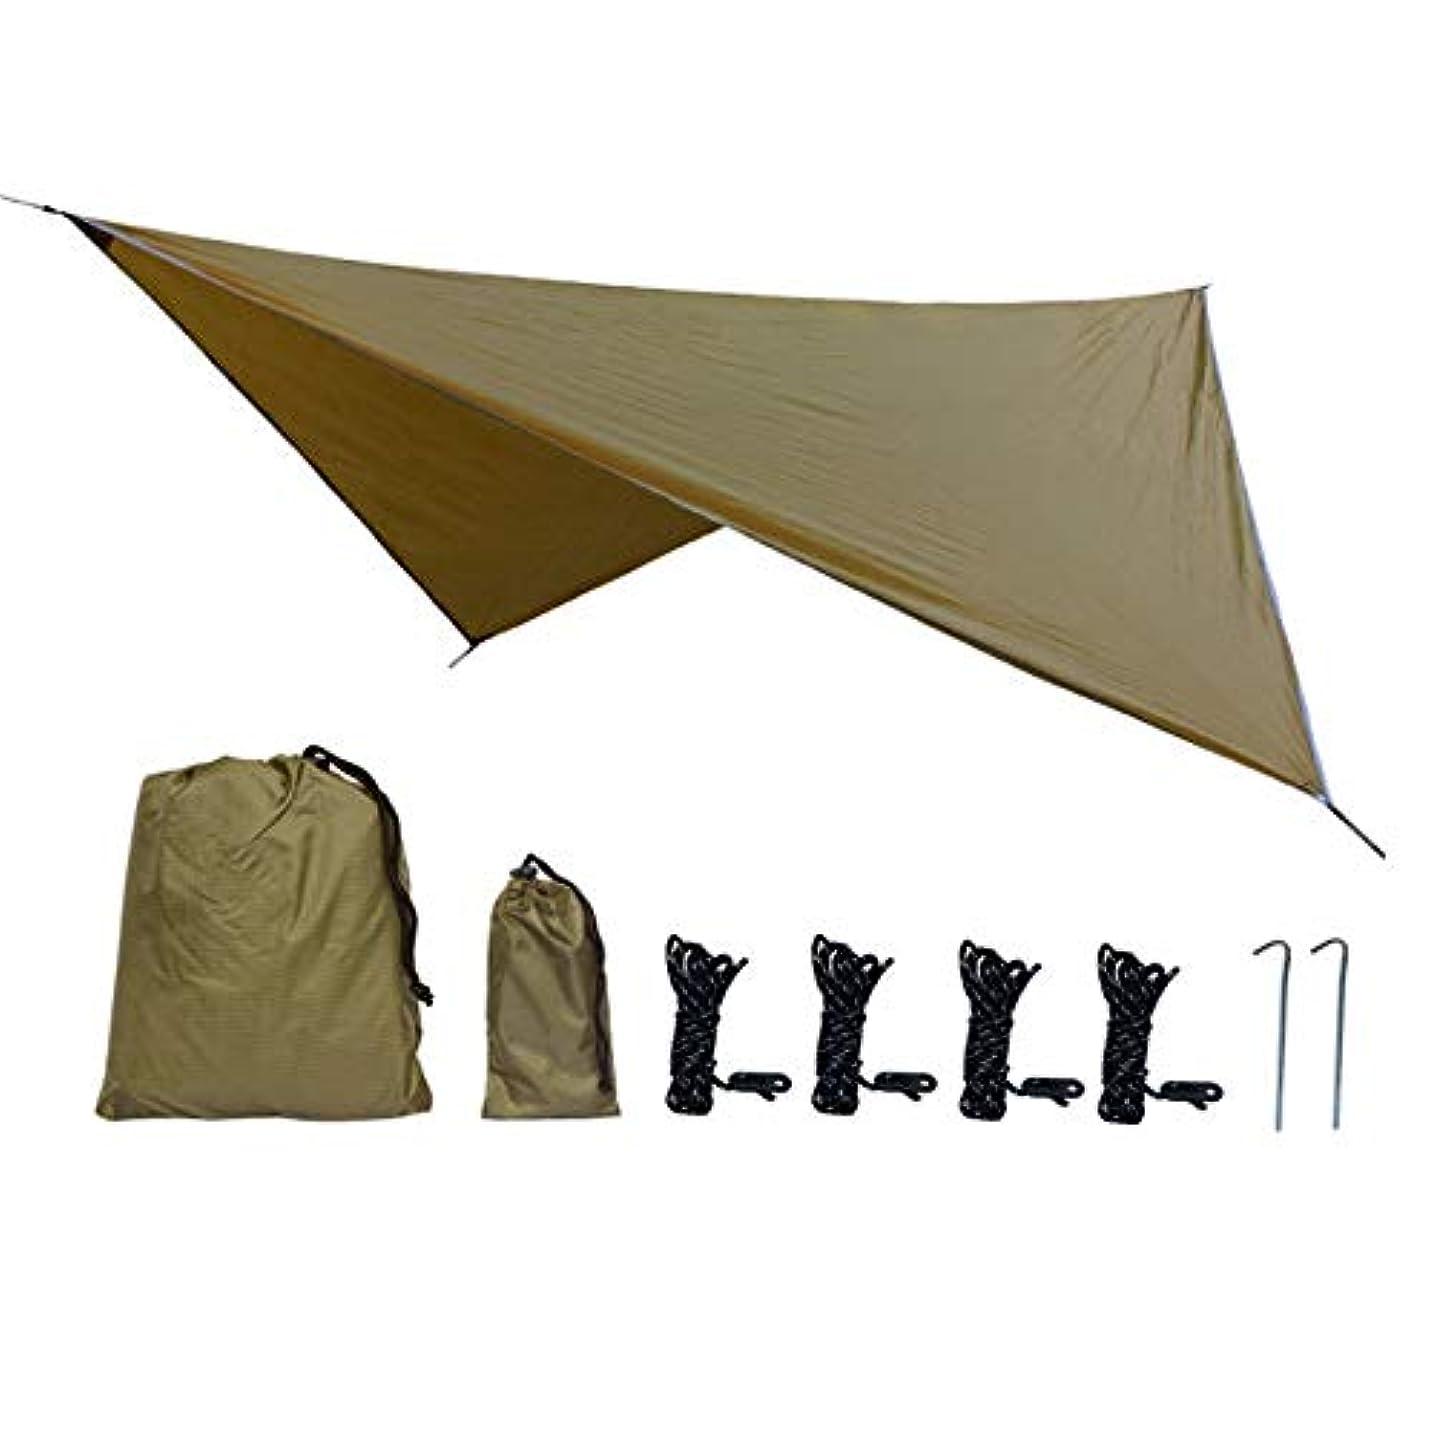 どうやら警報発見Sun-happyyaa 多機能防水ハンモックキャンプテント11.8×9.5フィート防水デザインuv保護家族の集まり屋外旅行 購入へようこそ (色 : Camel, サイズ : Free size)